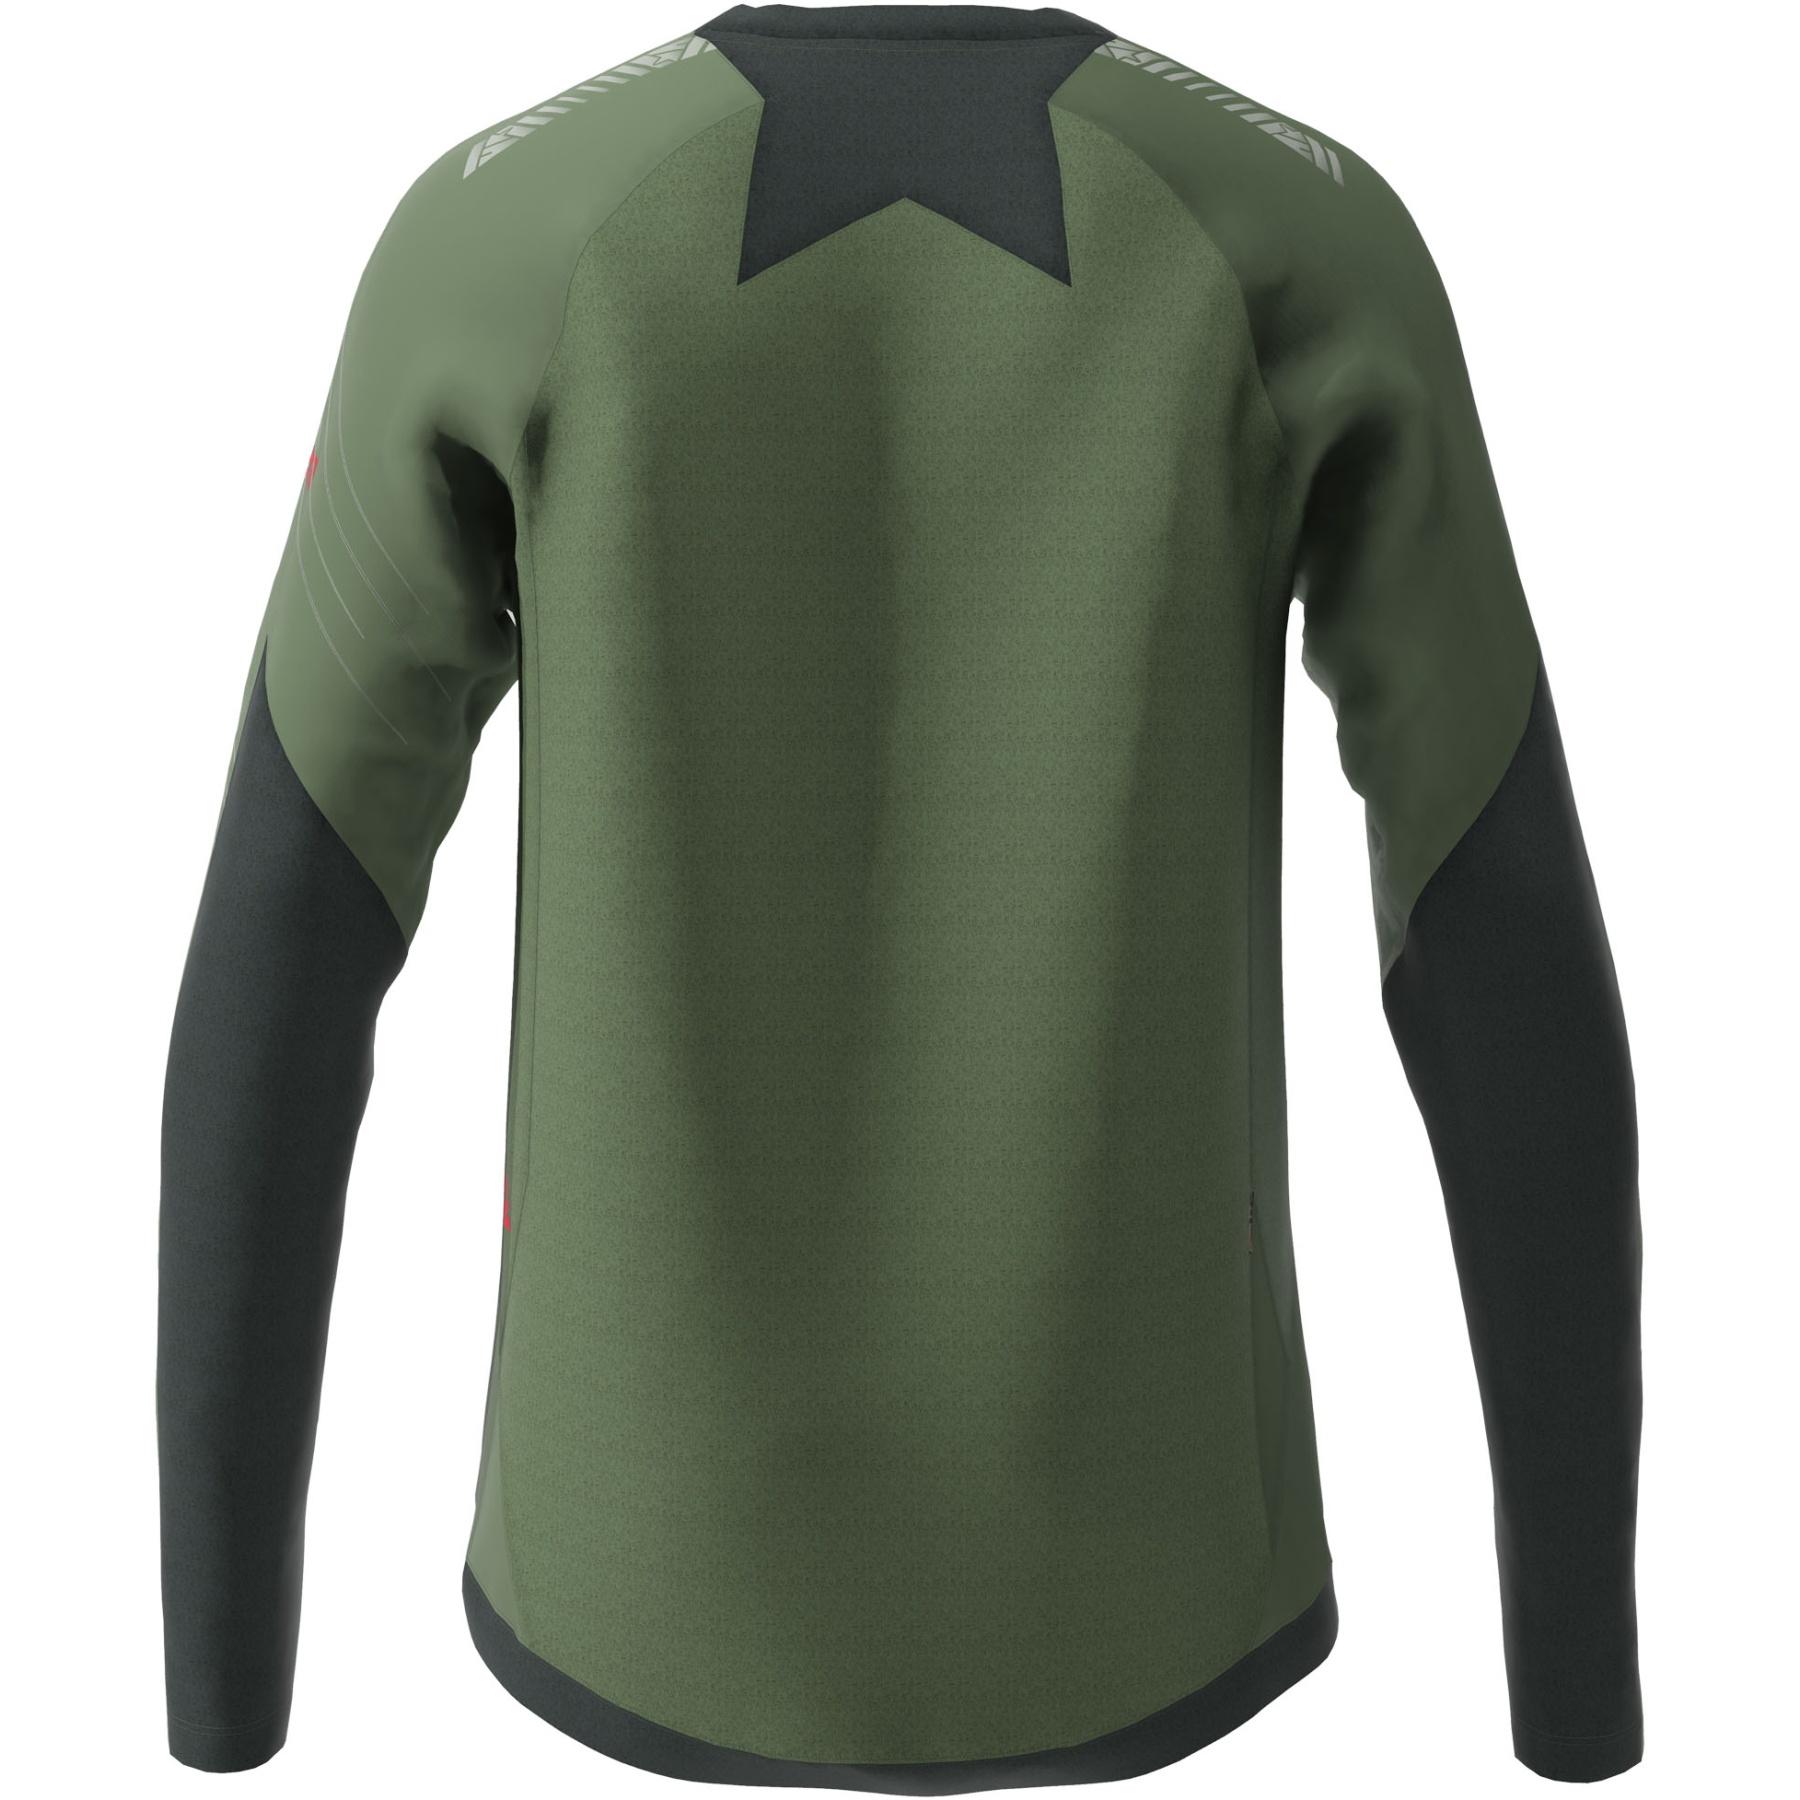 Bild von Zimtstern ProTechZonez Langarm-Shirt - bronze green/pirate black